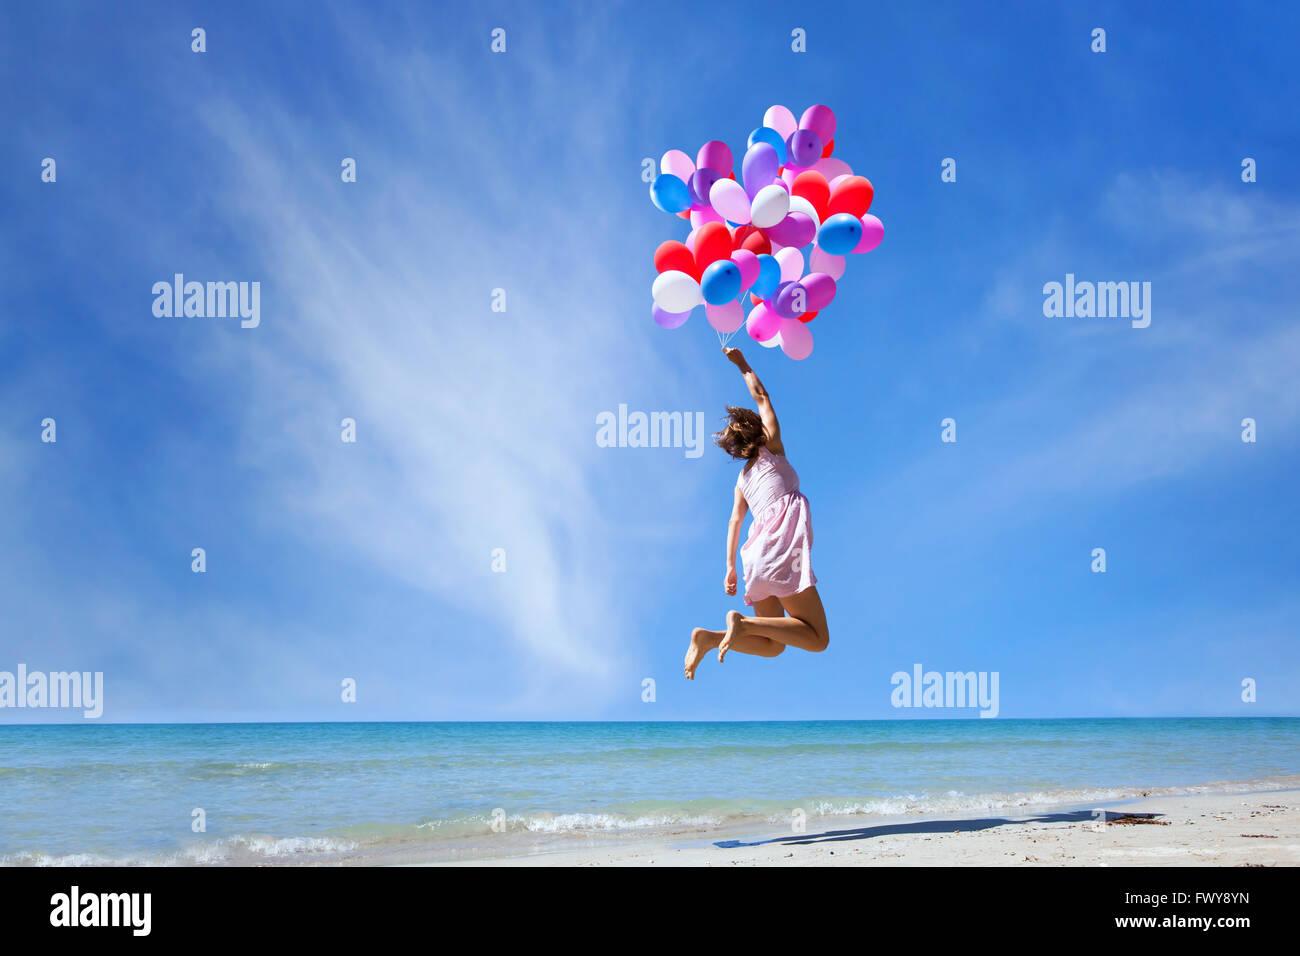 Concepto de ensueño, niña volando en globos multicolores en el cielo azul, la imaginación y la creatividad Imagen De Stock